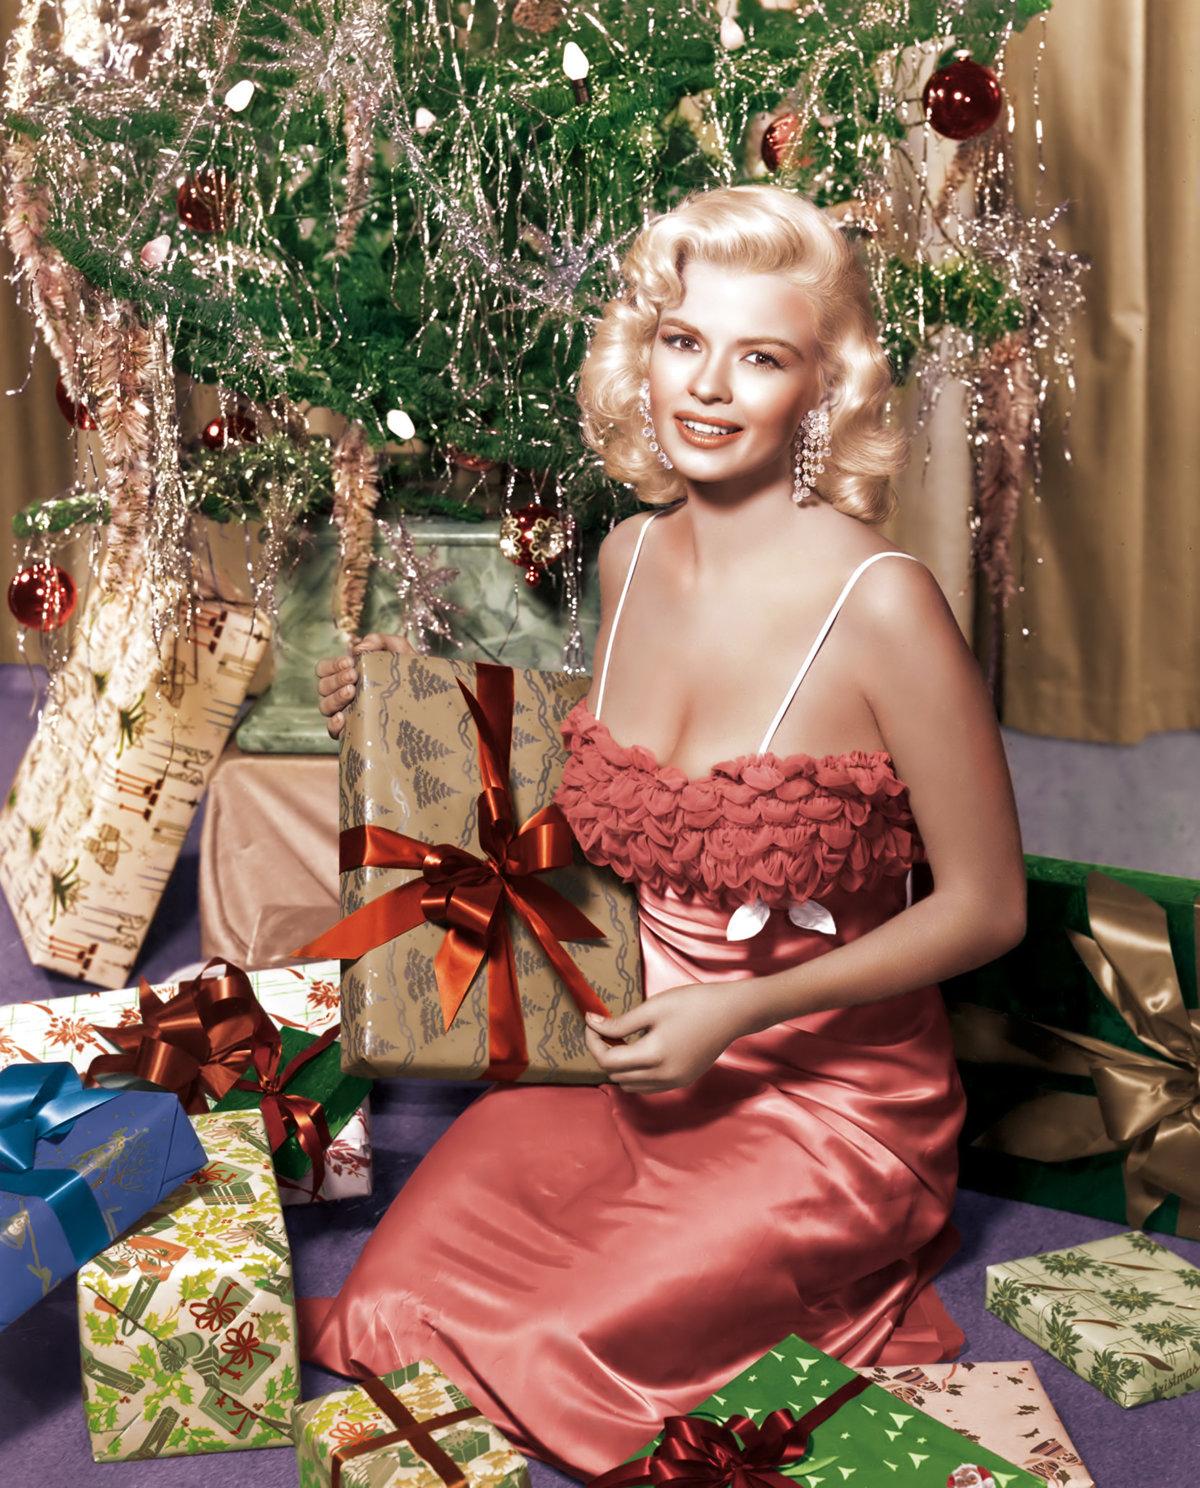 видно фото, рождественская фотосессия звезд данный момент